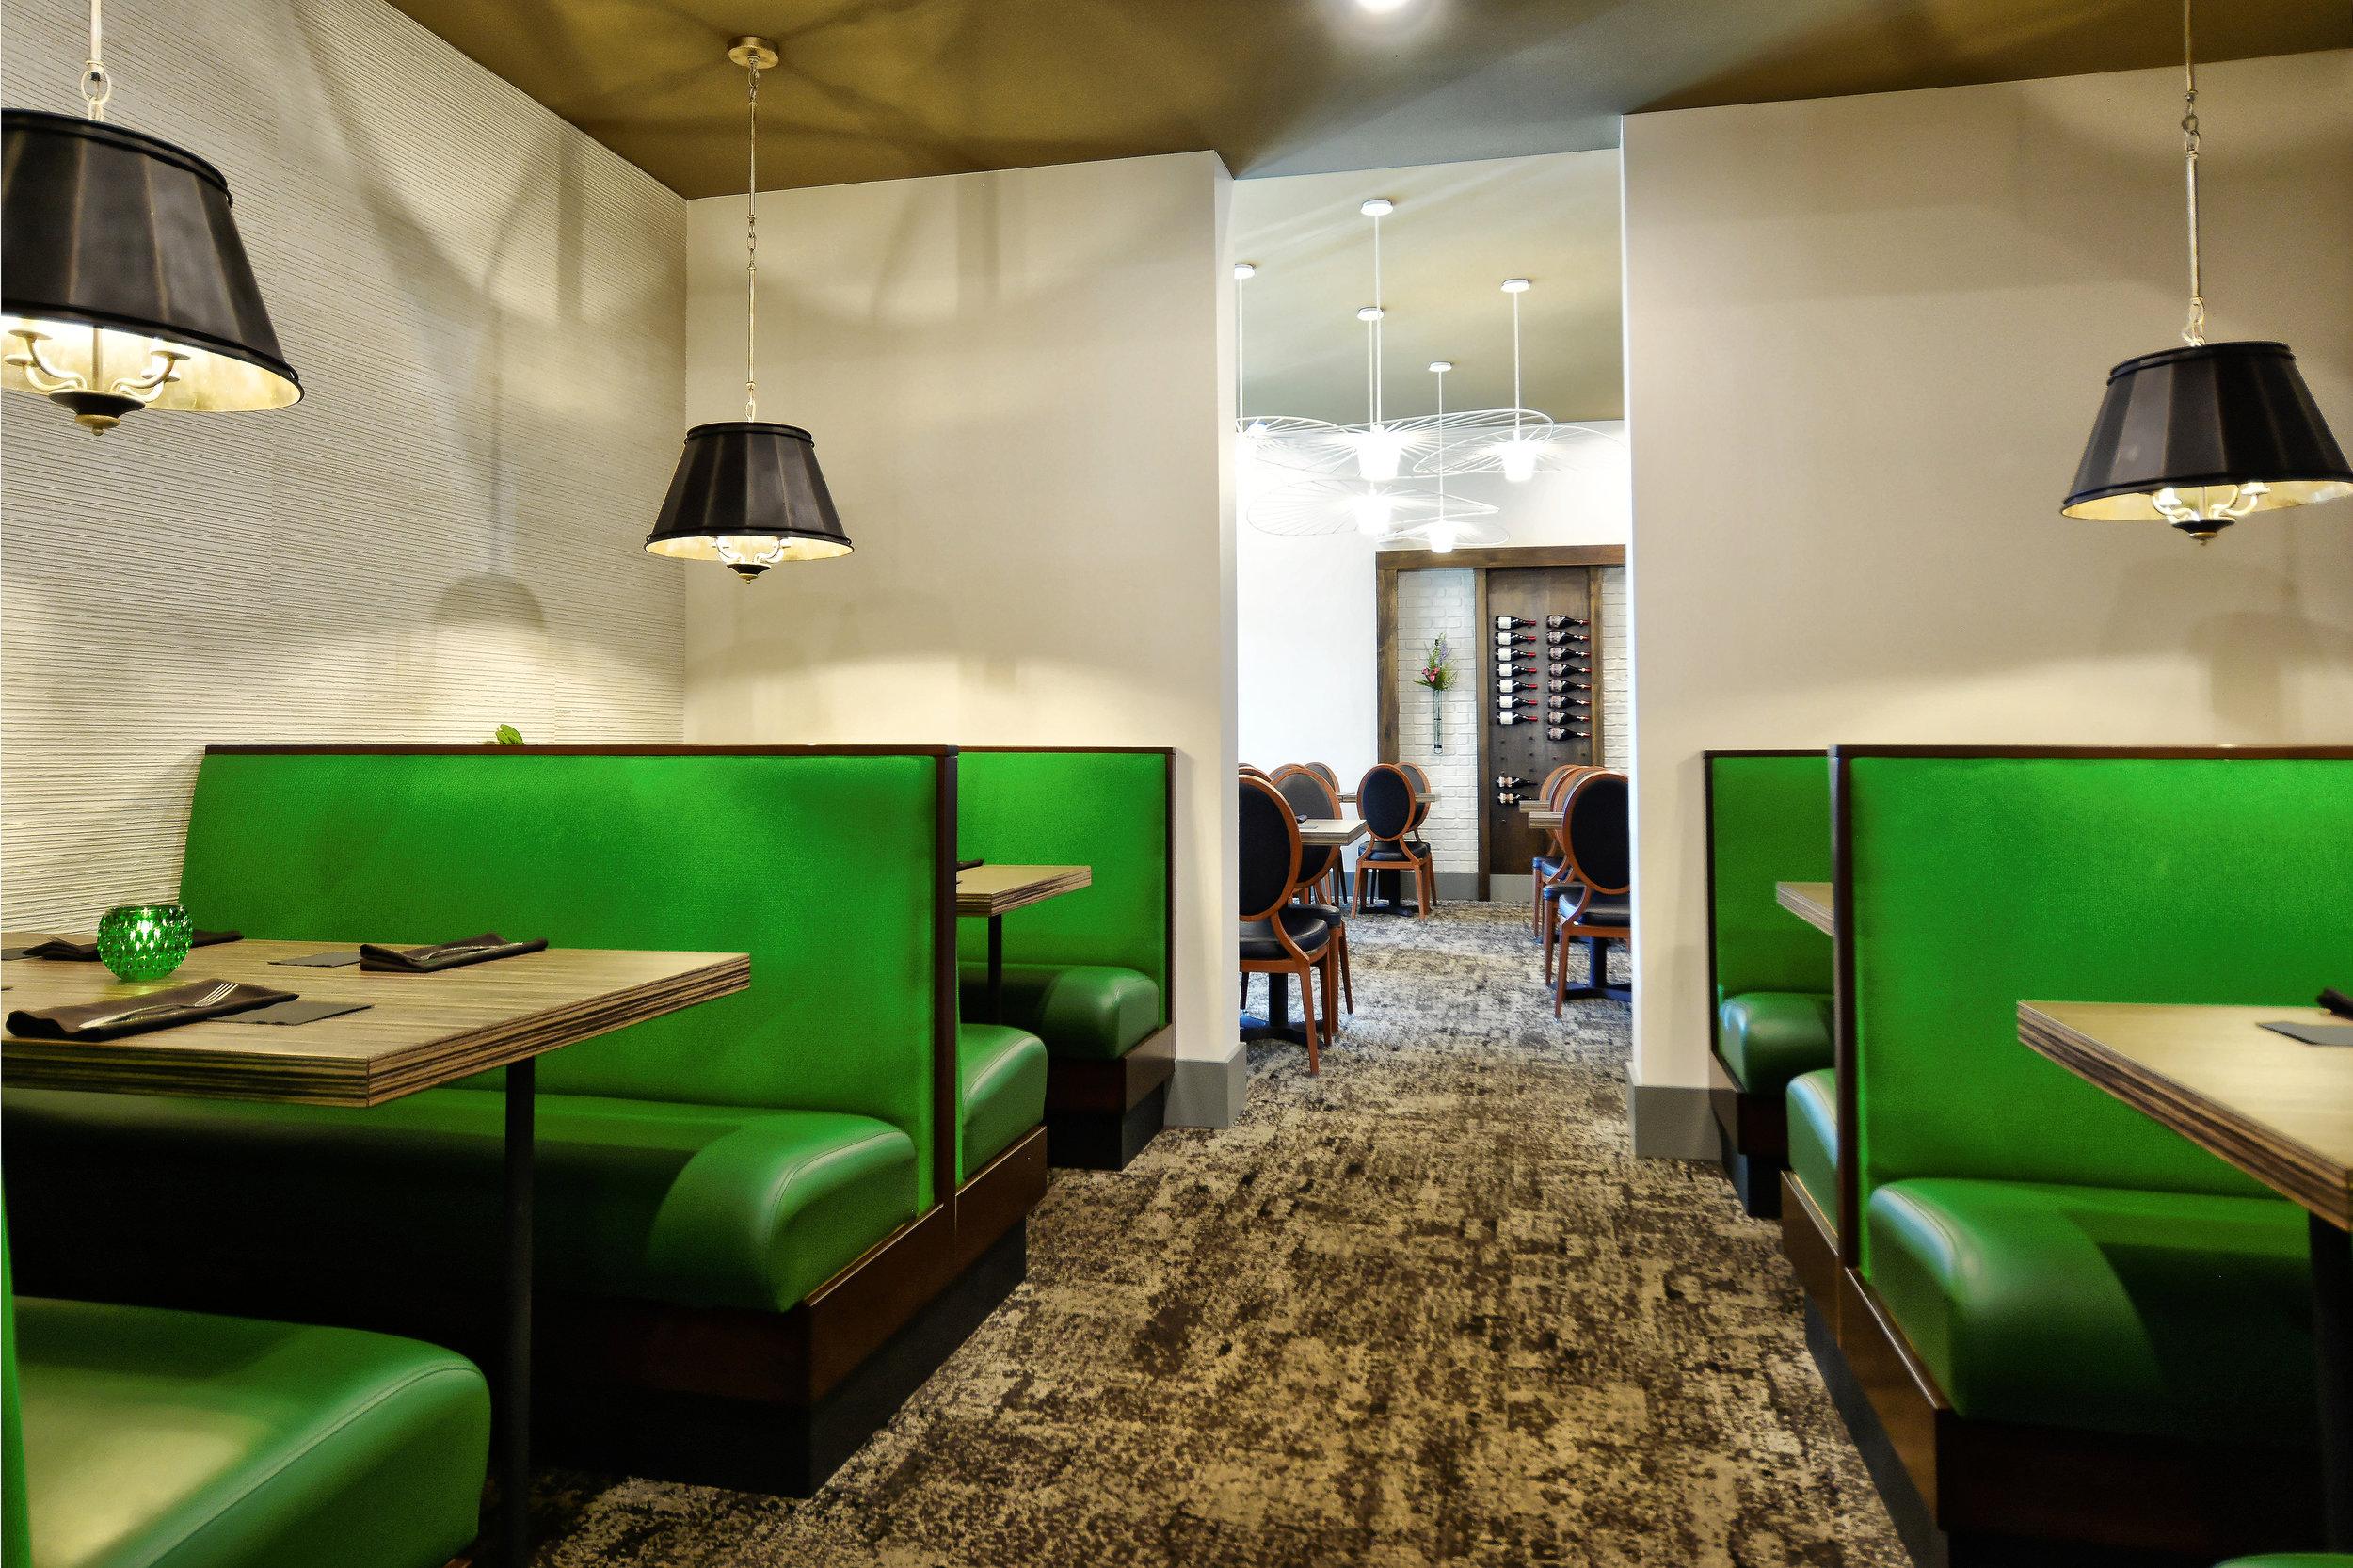 101-West-Venice-Avenue-Cafe-Venice-168.jpg